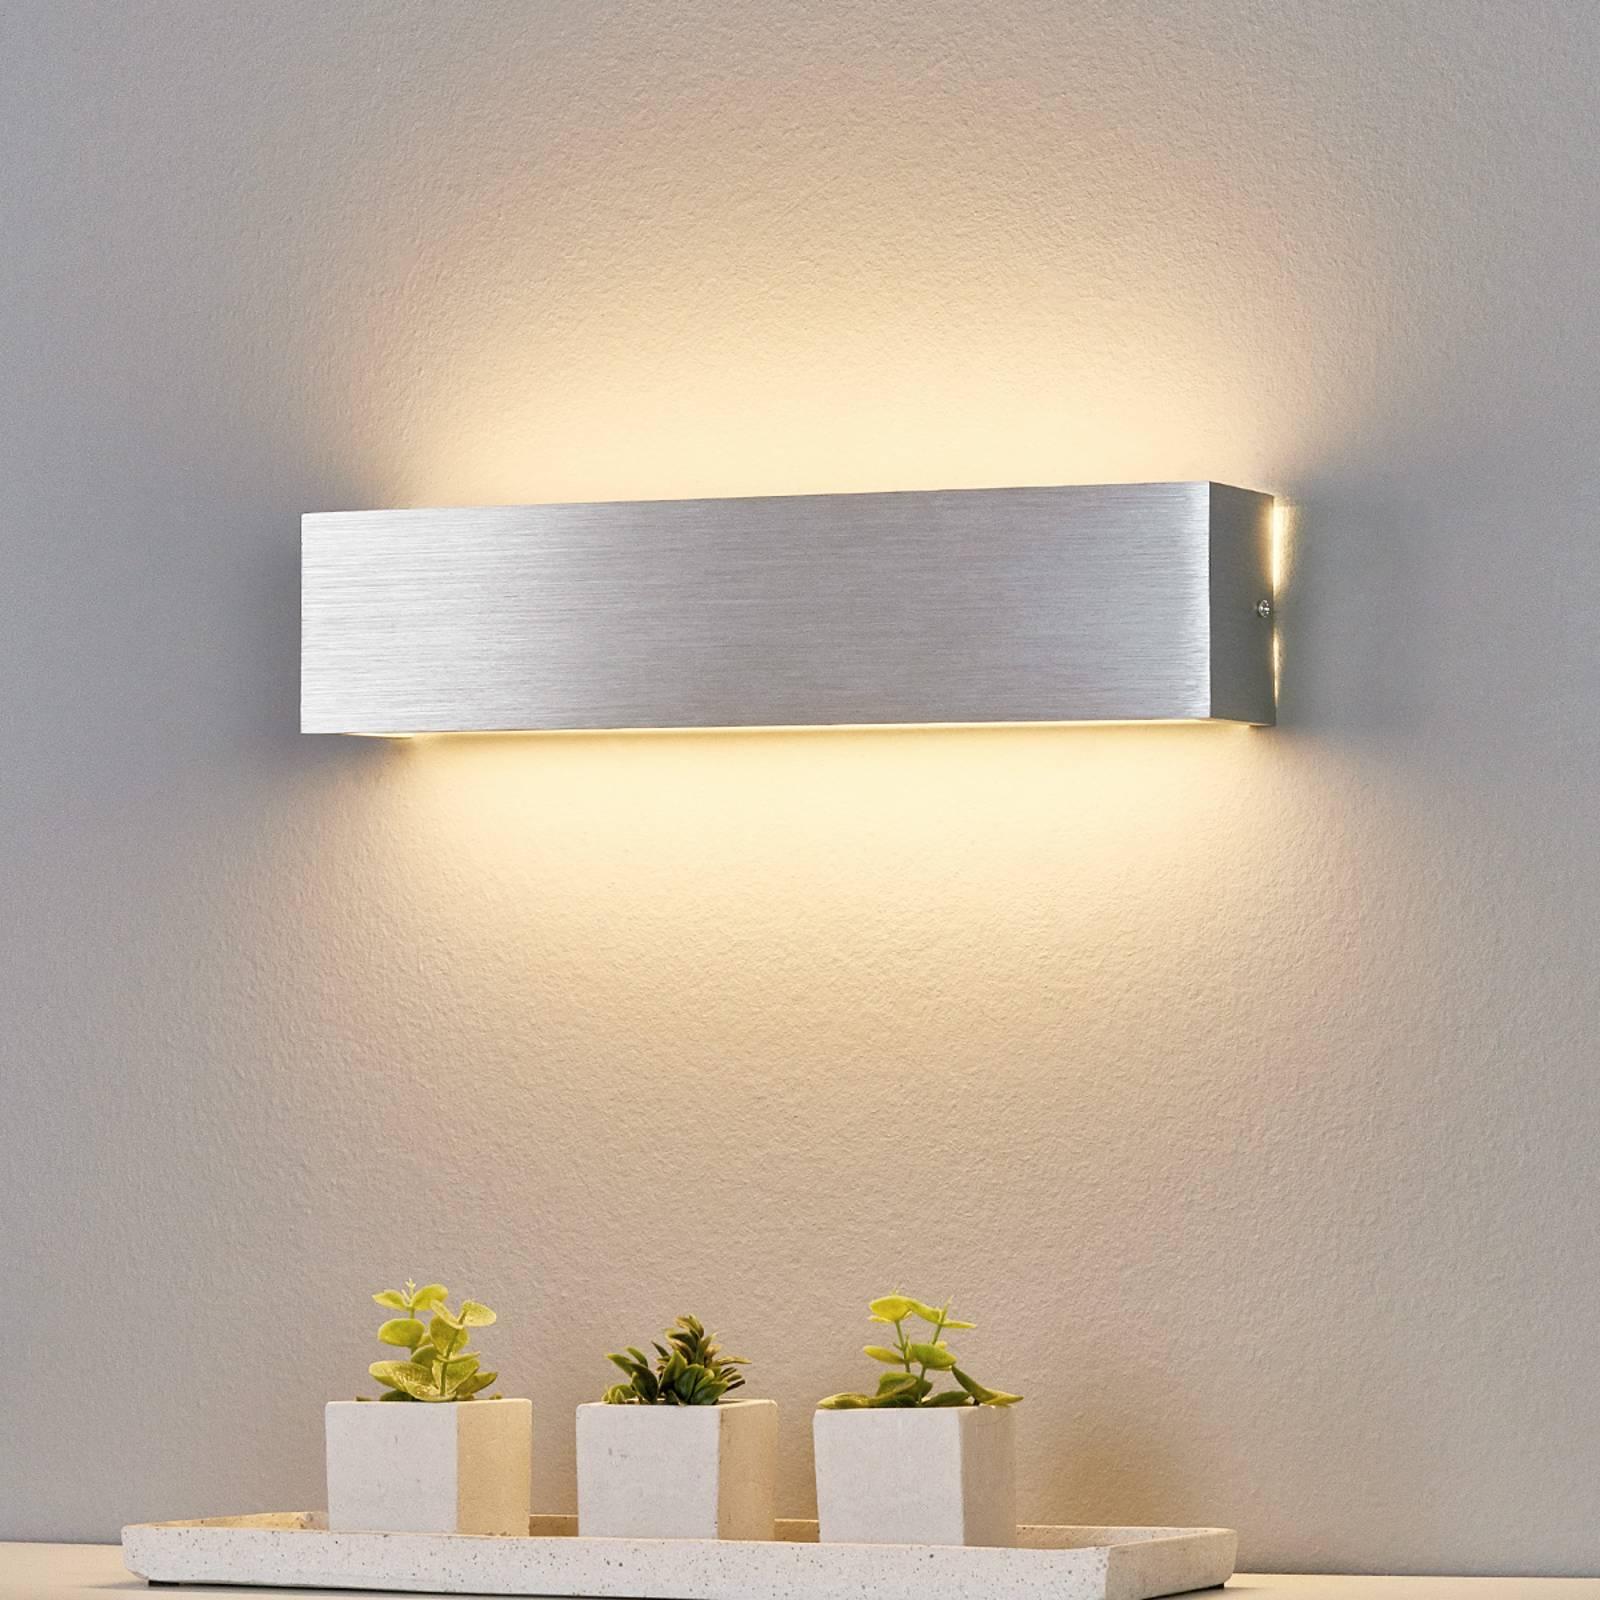 Alumiininvärinen LED-seinävalaisin Ranik